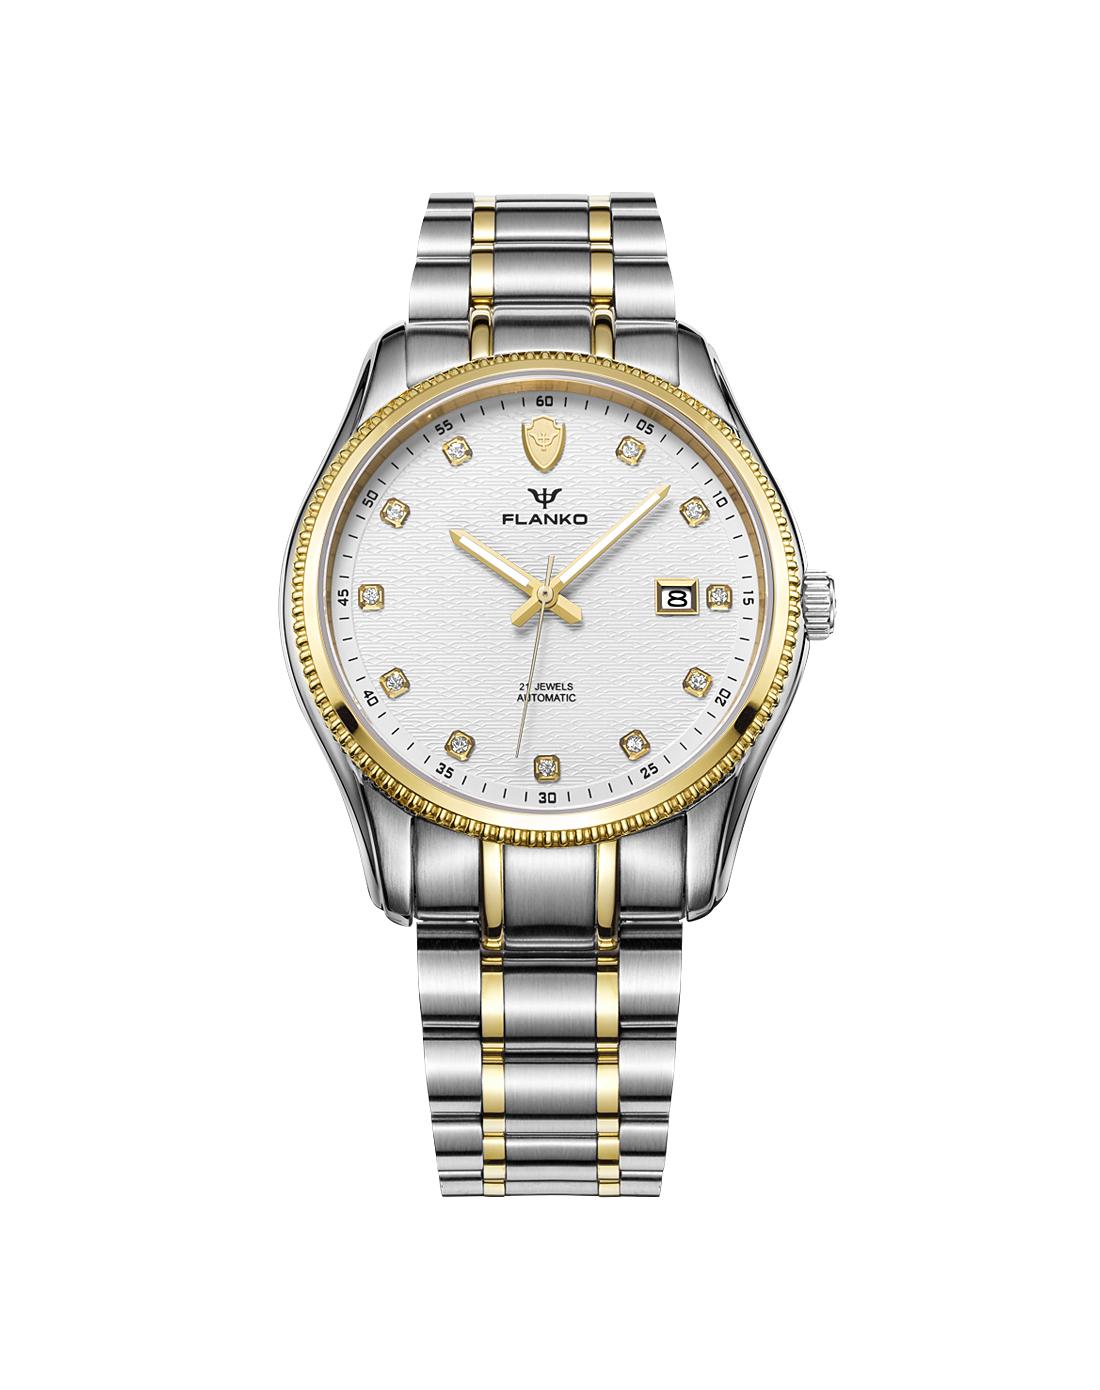 广州质量好商务手表商家_专业机械表订购-深圳市佛朗戈科技有限公司